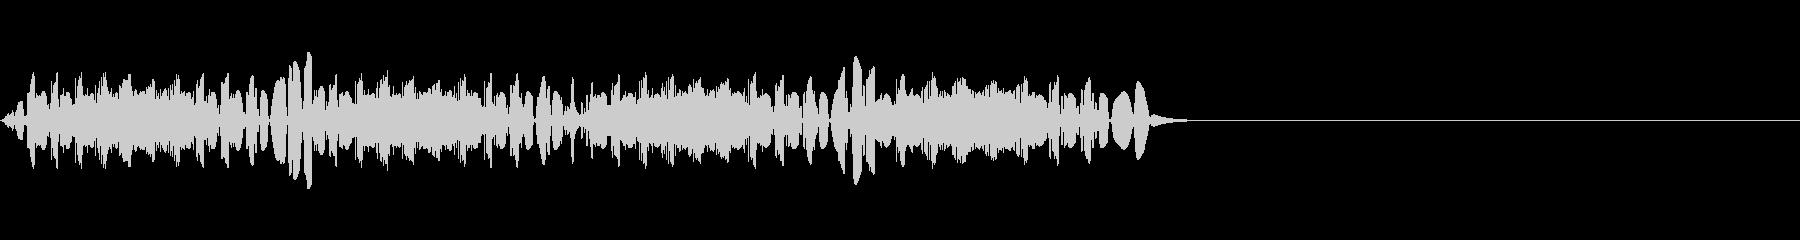 【効果音】不正解 バッドの未再生の波形